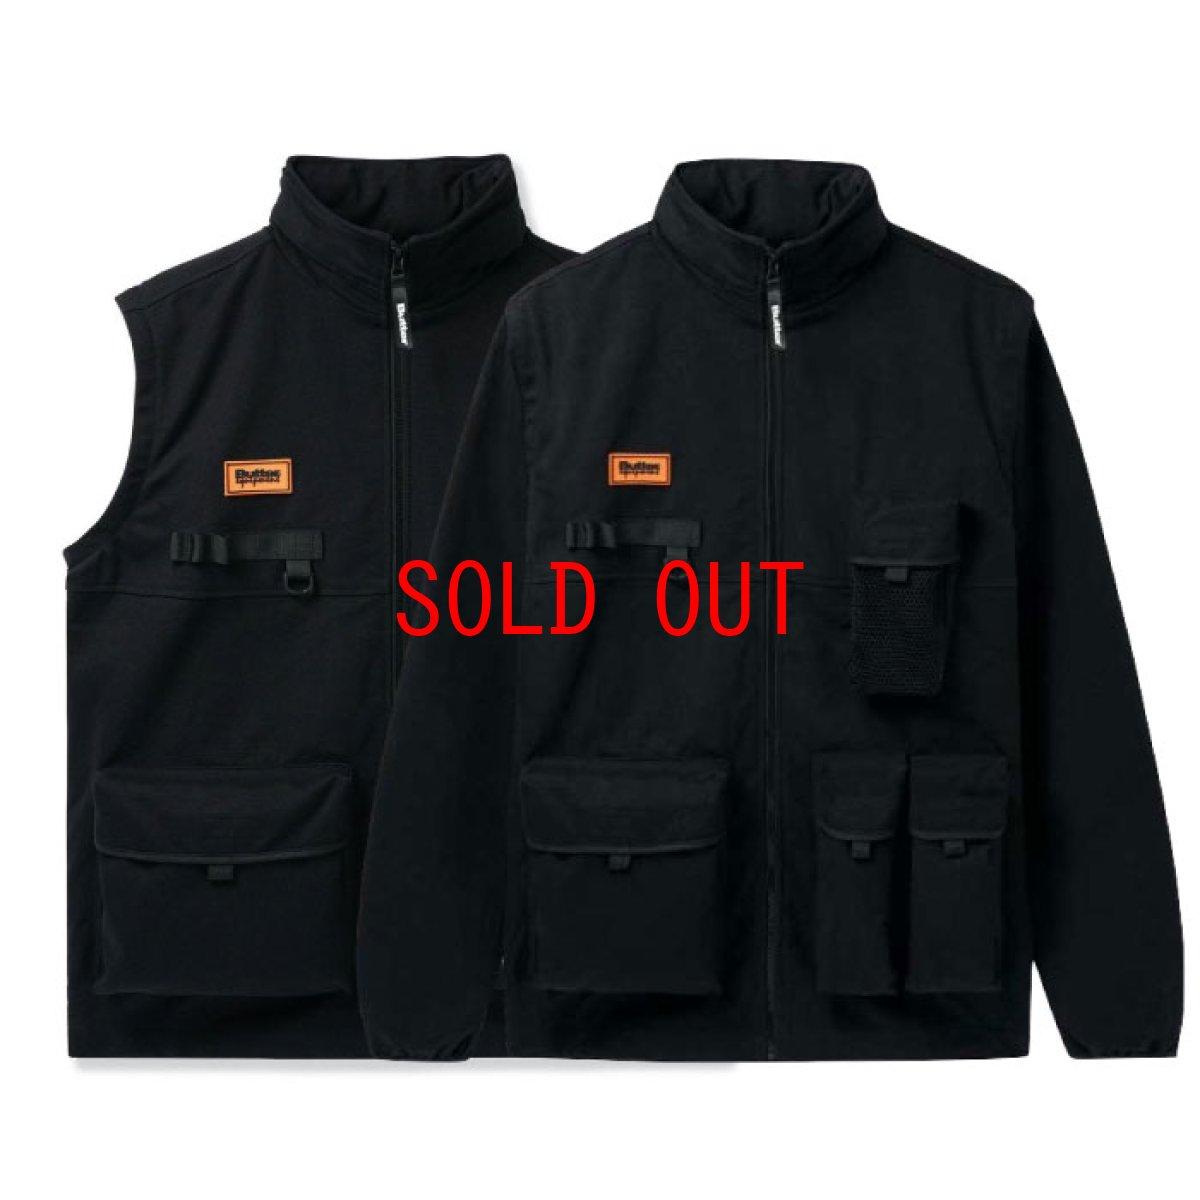 画像1: Equipment Technical 2Way Jacket Vest テクニカル ツーウェイ ジャケット ベスト Black ブラック (1)